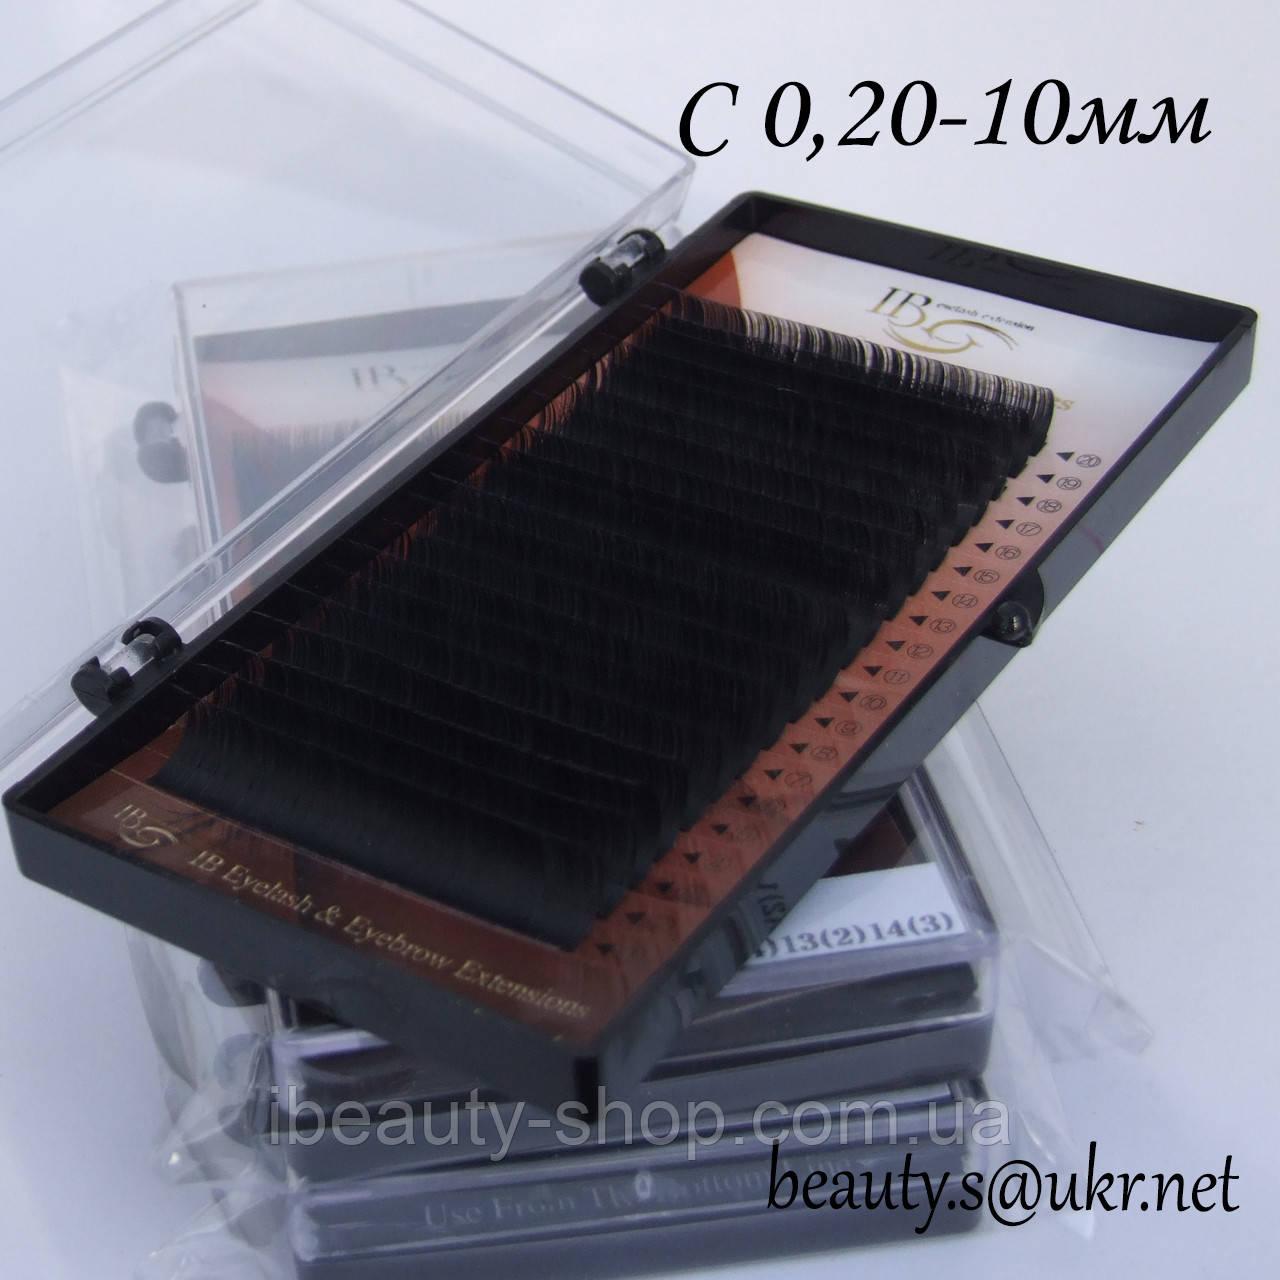 Ресницы  I-Beauty на ленте С-0,20 10мм